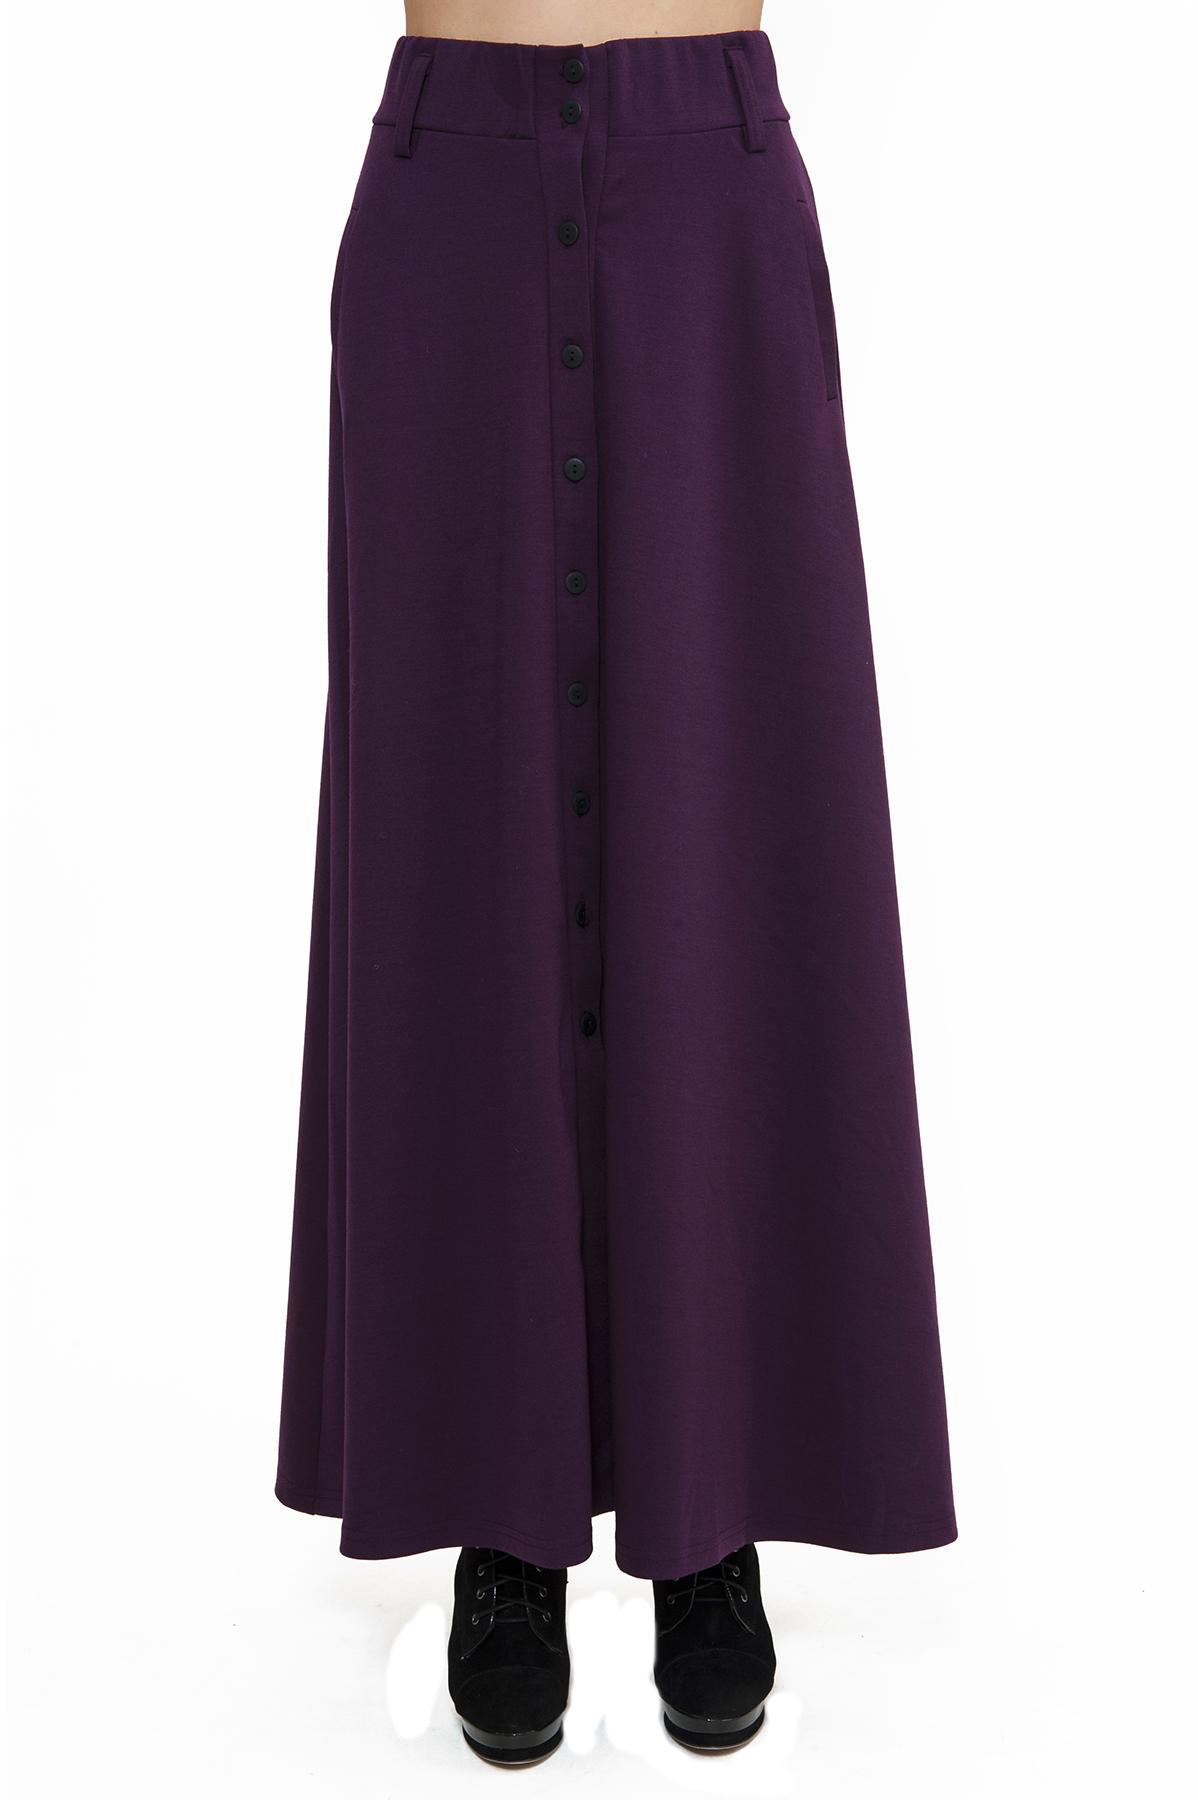 ЮбкаЖенские юбки и брюки<br>Стильная дизайнерская трикотажная юбка. Изделие привнесет в Ваш образ изысканную элегантность. Идеально подойдет как для повседневного, так и для вечернего гардероба.<br><br>Цвет: сливовый<br>Состав: 60% вискоза, 35% полиэстер, 5% лайкра<br>Размер: 42,44<br>Страна дизайна: Россия<br>Страна производства: Россия